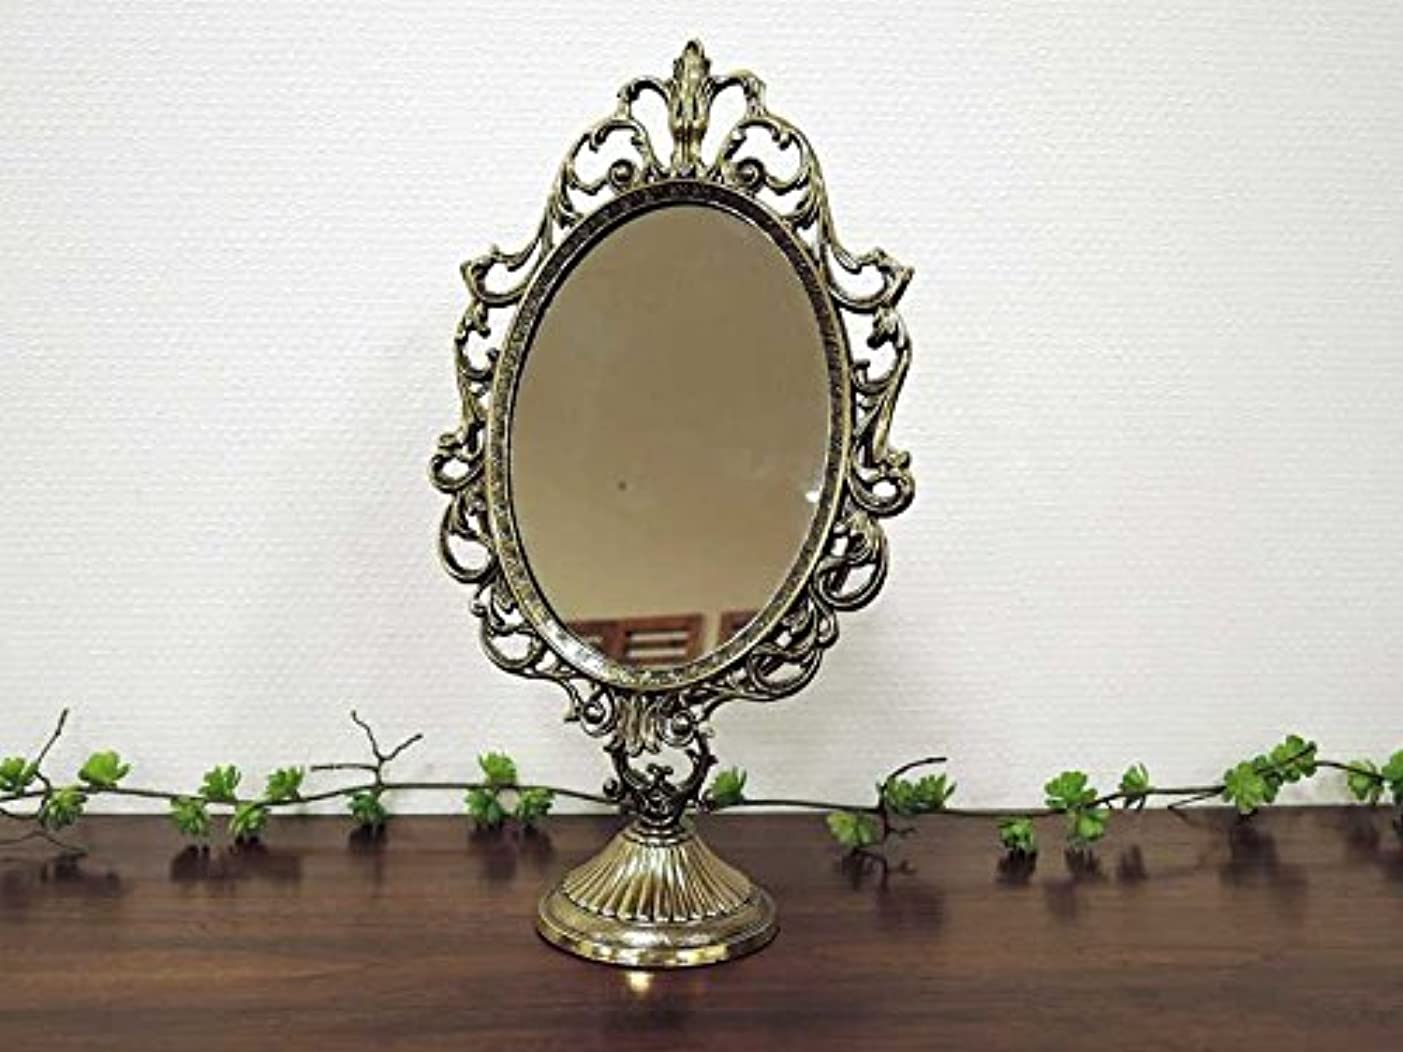 憂鬱な壮大なナンセンスザマック テーブルミラー L スタンドミラー 鏡 ゴールド ミラー 卓上 アンティーク インテリア クラシック おしゃれ アジアン雑貨 北欧